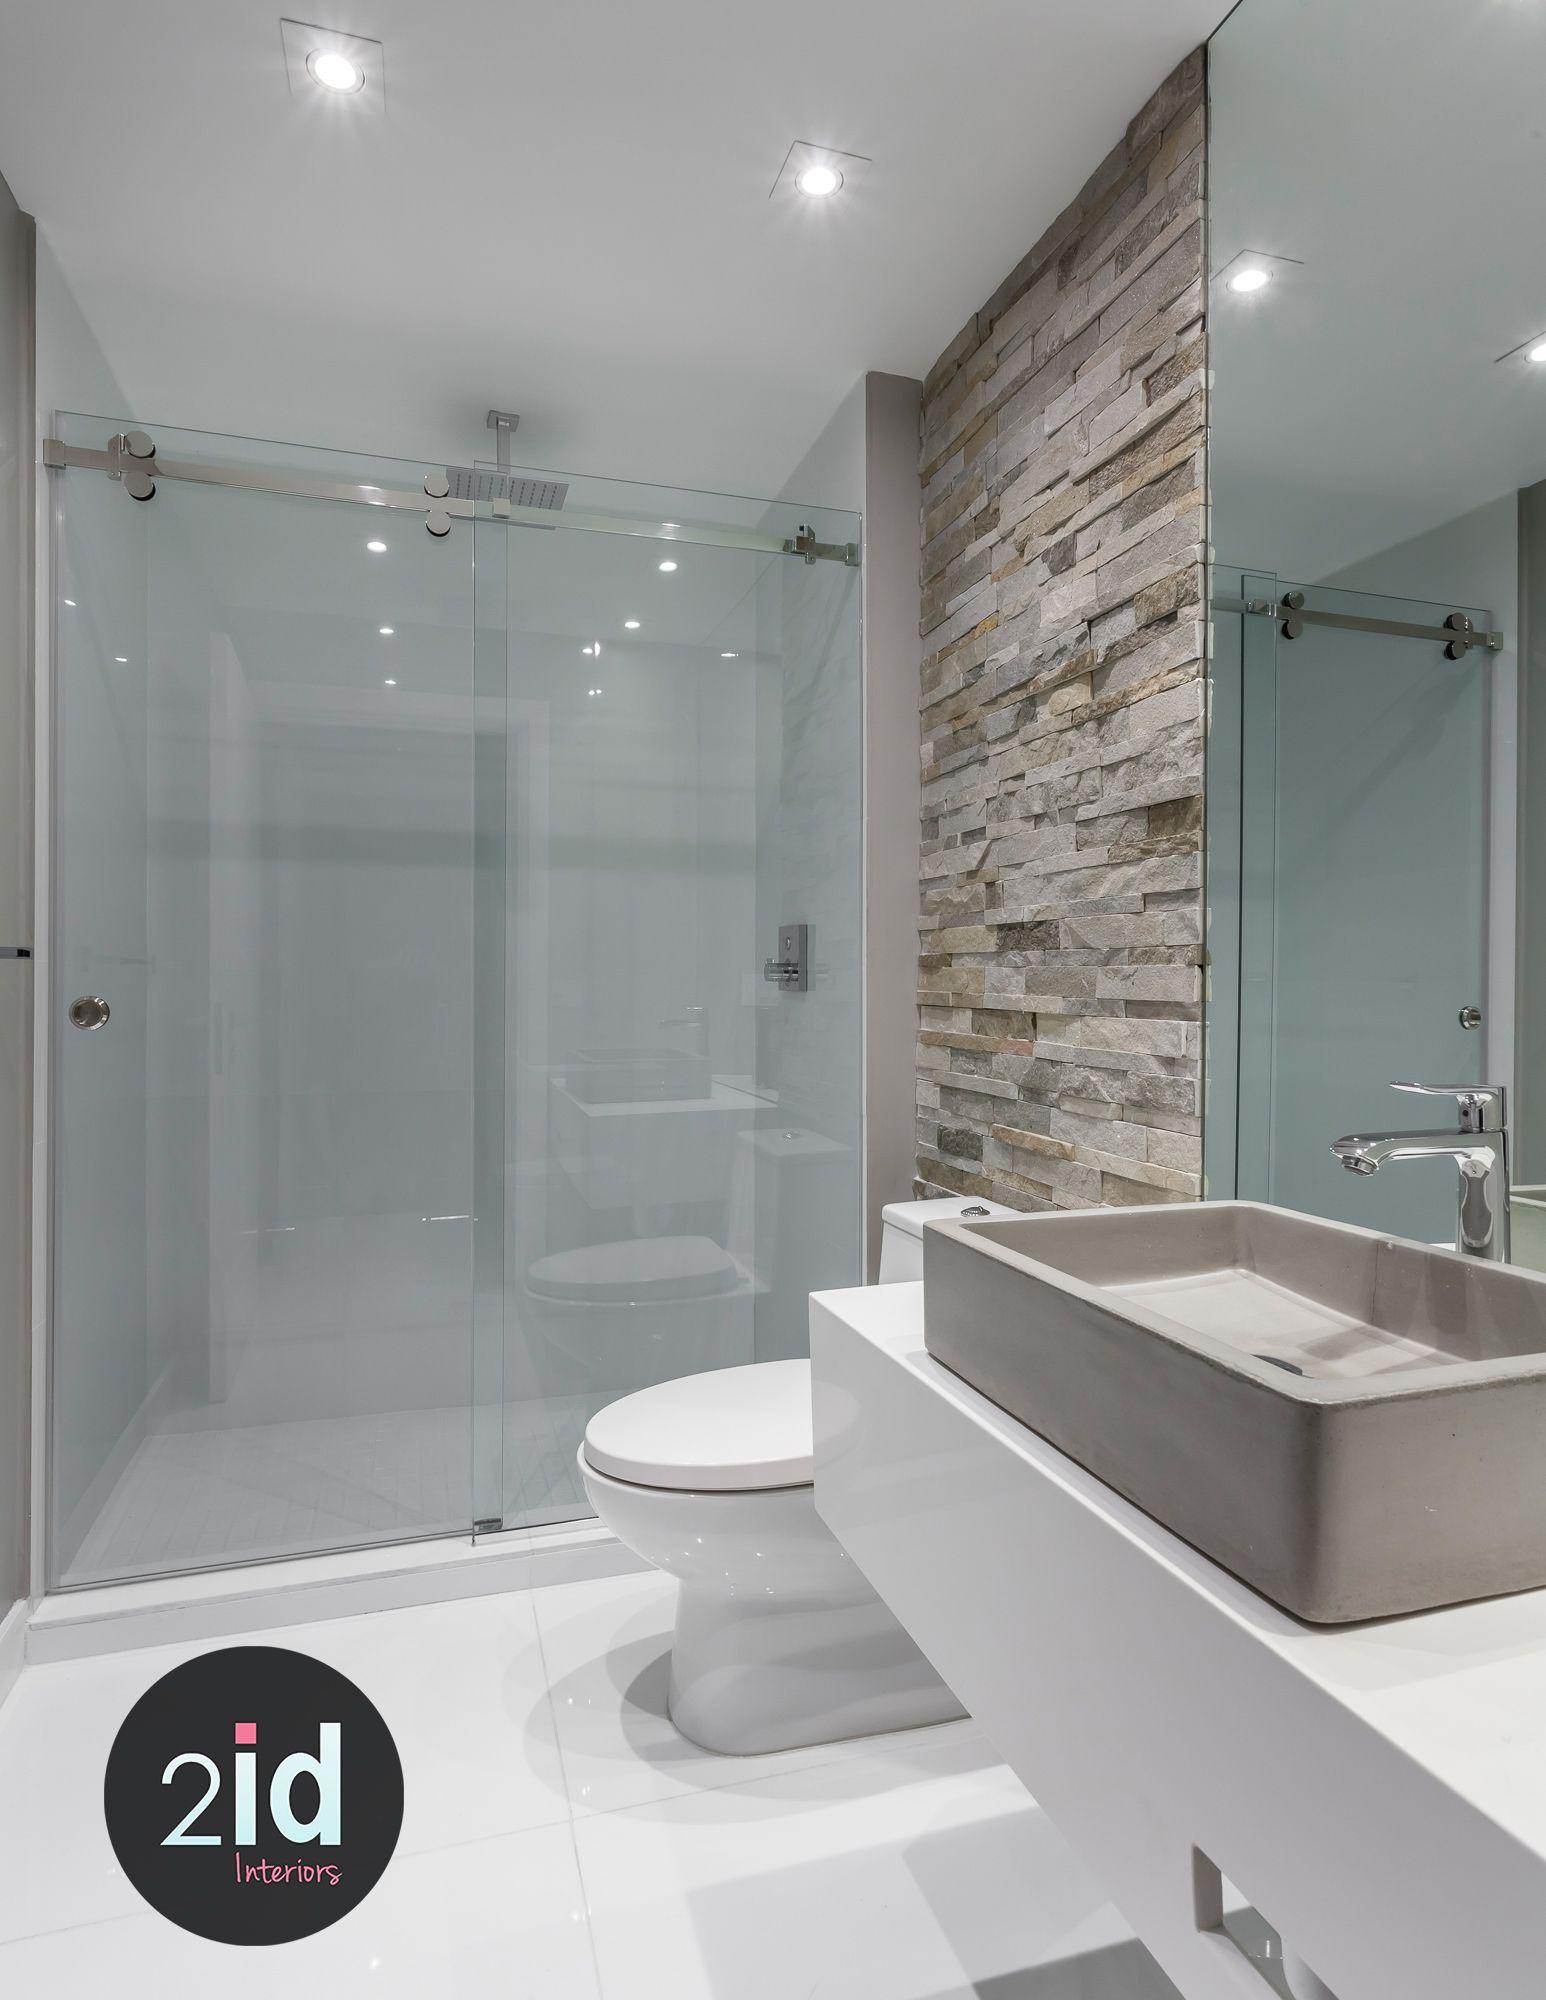 2id Interiores 20815 NE 16th Avenue Suite B-10 Miami, FL ...